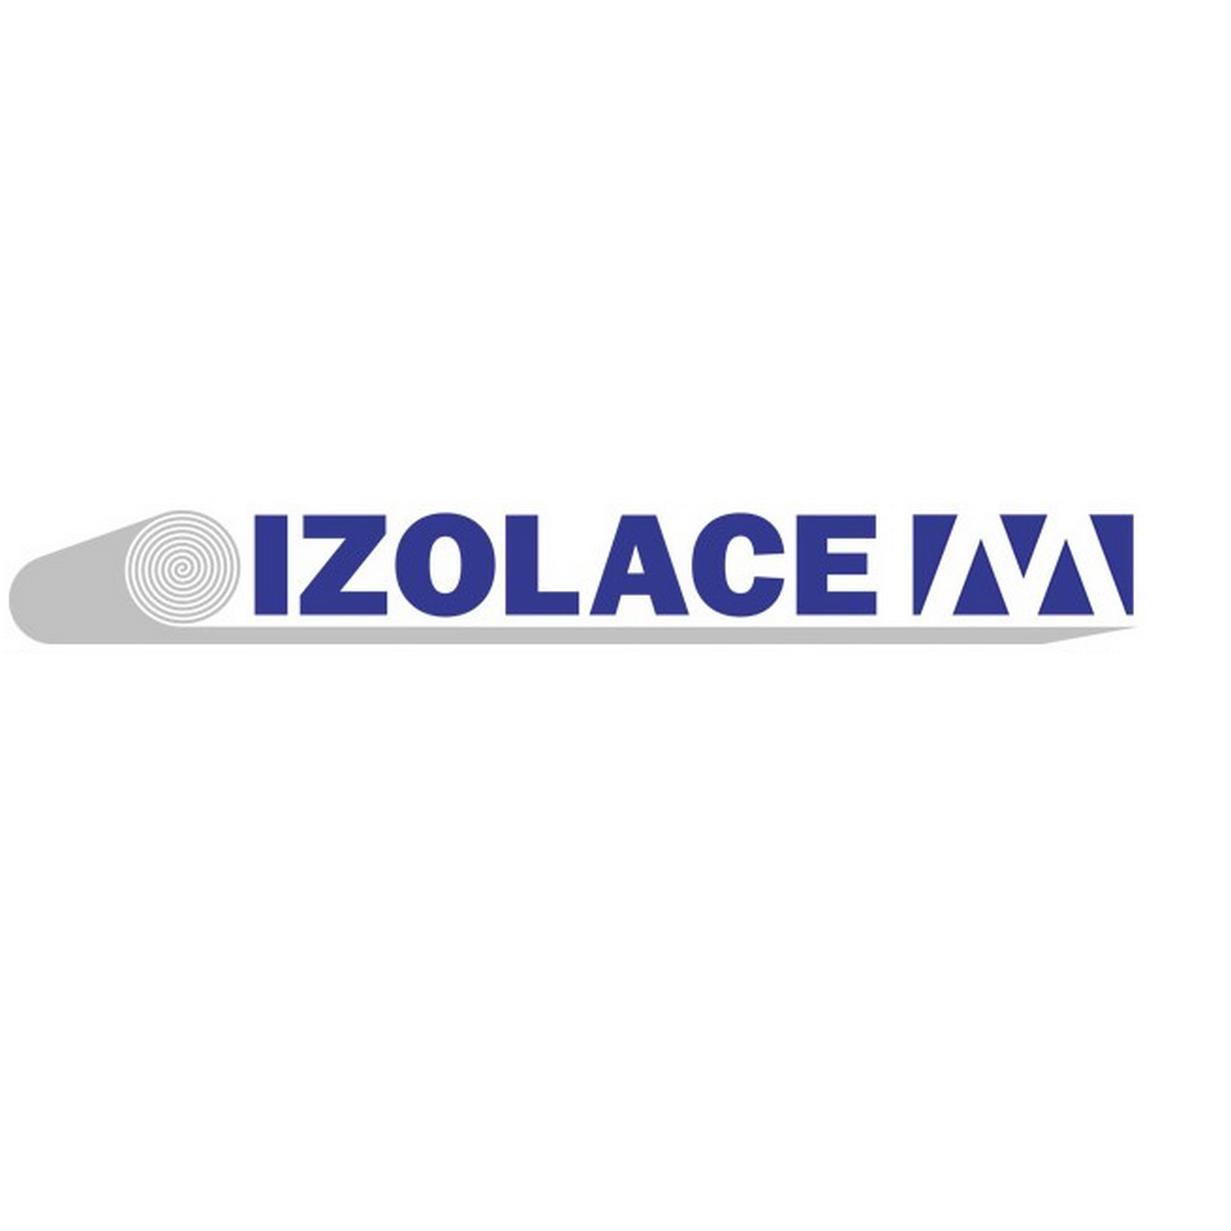 IZOLACE M s.r.o. izolace střech, jezírek, spodní izolace budov